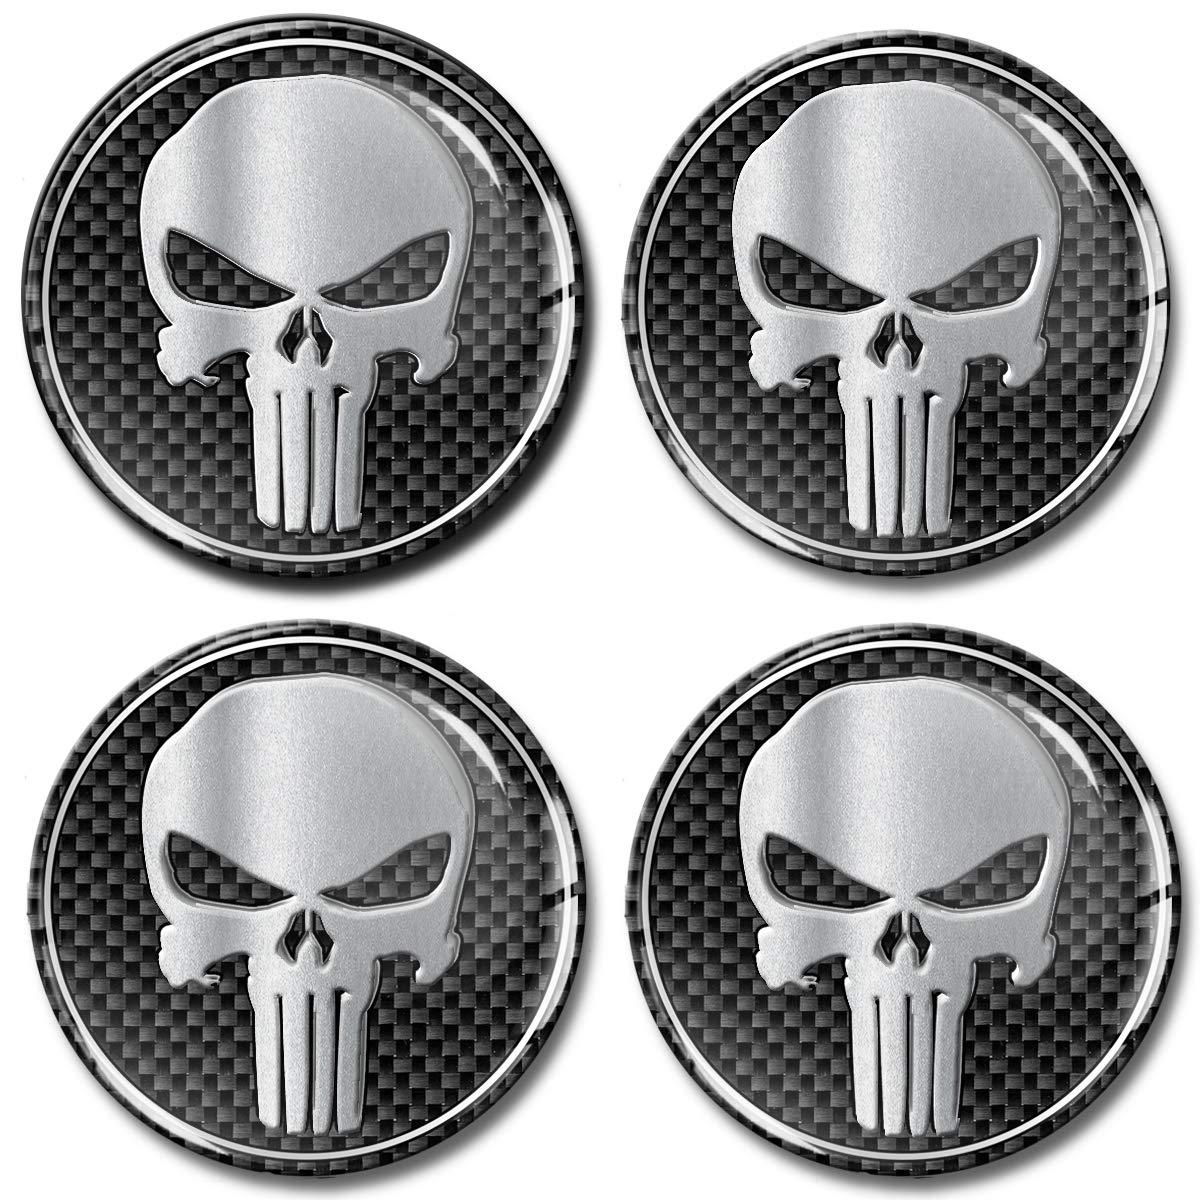 Skino 4 x 55mm Adesivi Resinati 3D Gel Stickers Auto Coprimozzi Logo Silicone Autoadesivo Stemma Adesivo Copricerchi Tappi Ruote Punisher Skull Teschio Argento Silver A 255